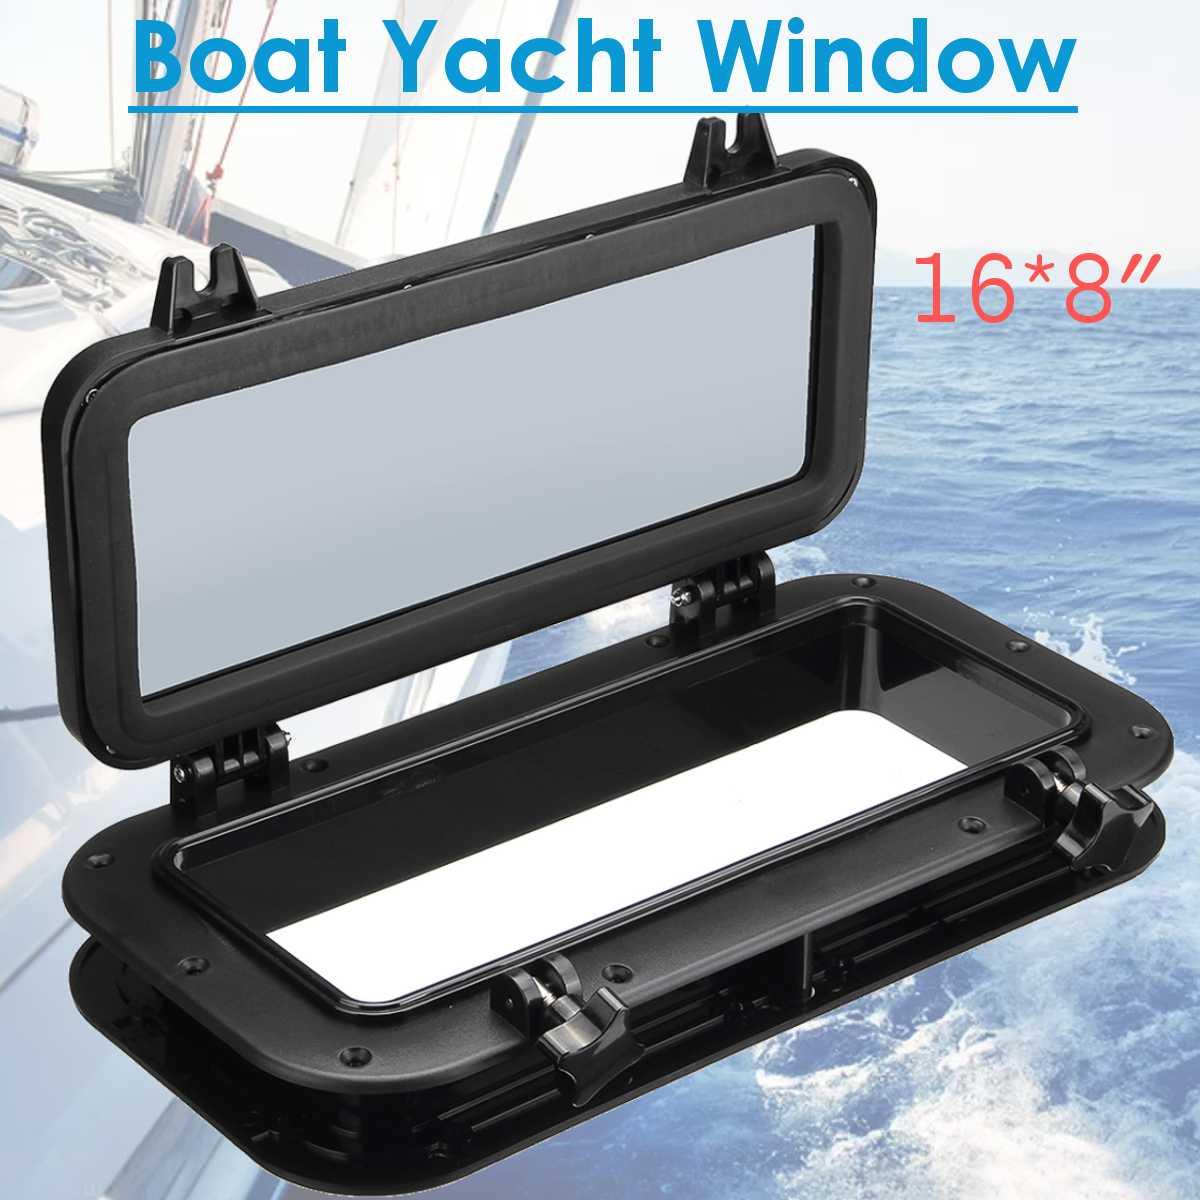 Noir rectangulaire bateau bateau Yacht voiture remplacement hublot étanche en caoutchouc joint Skylight couverture RV fenêtre pièces 40x20 cm